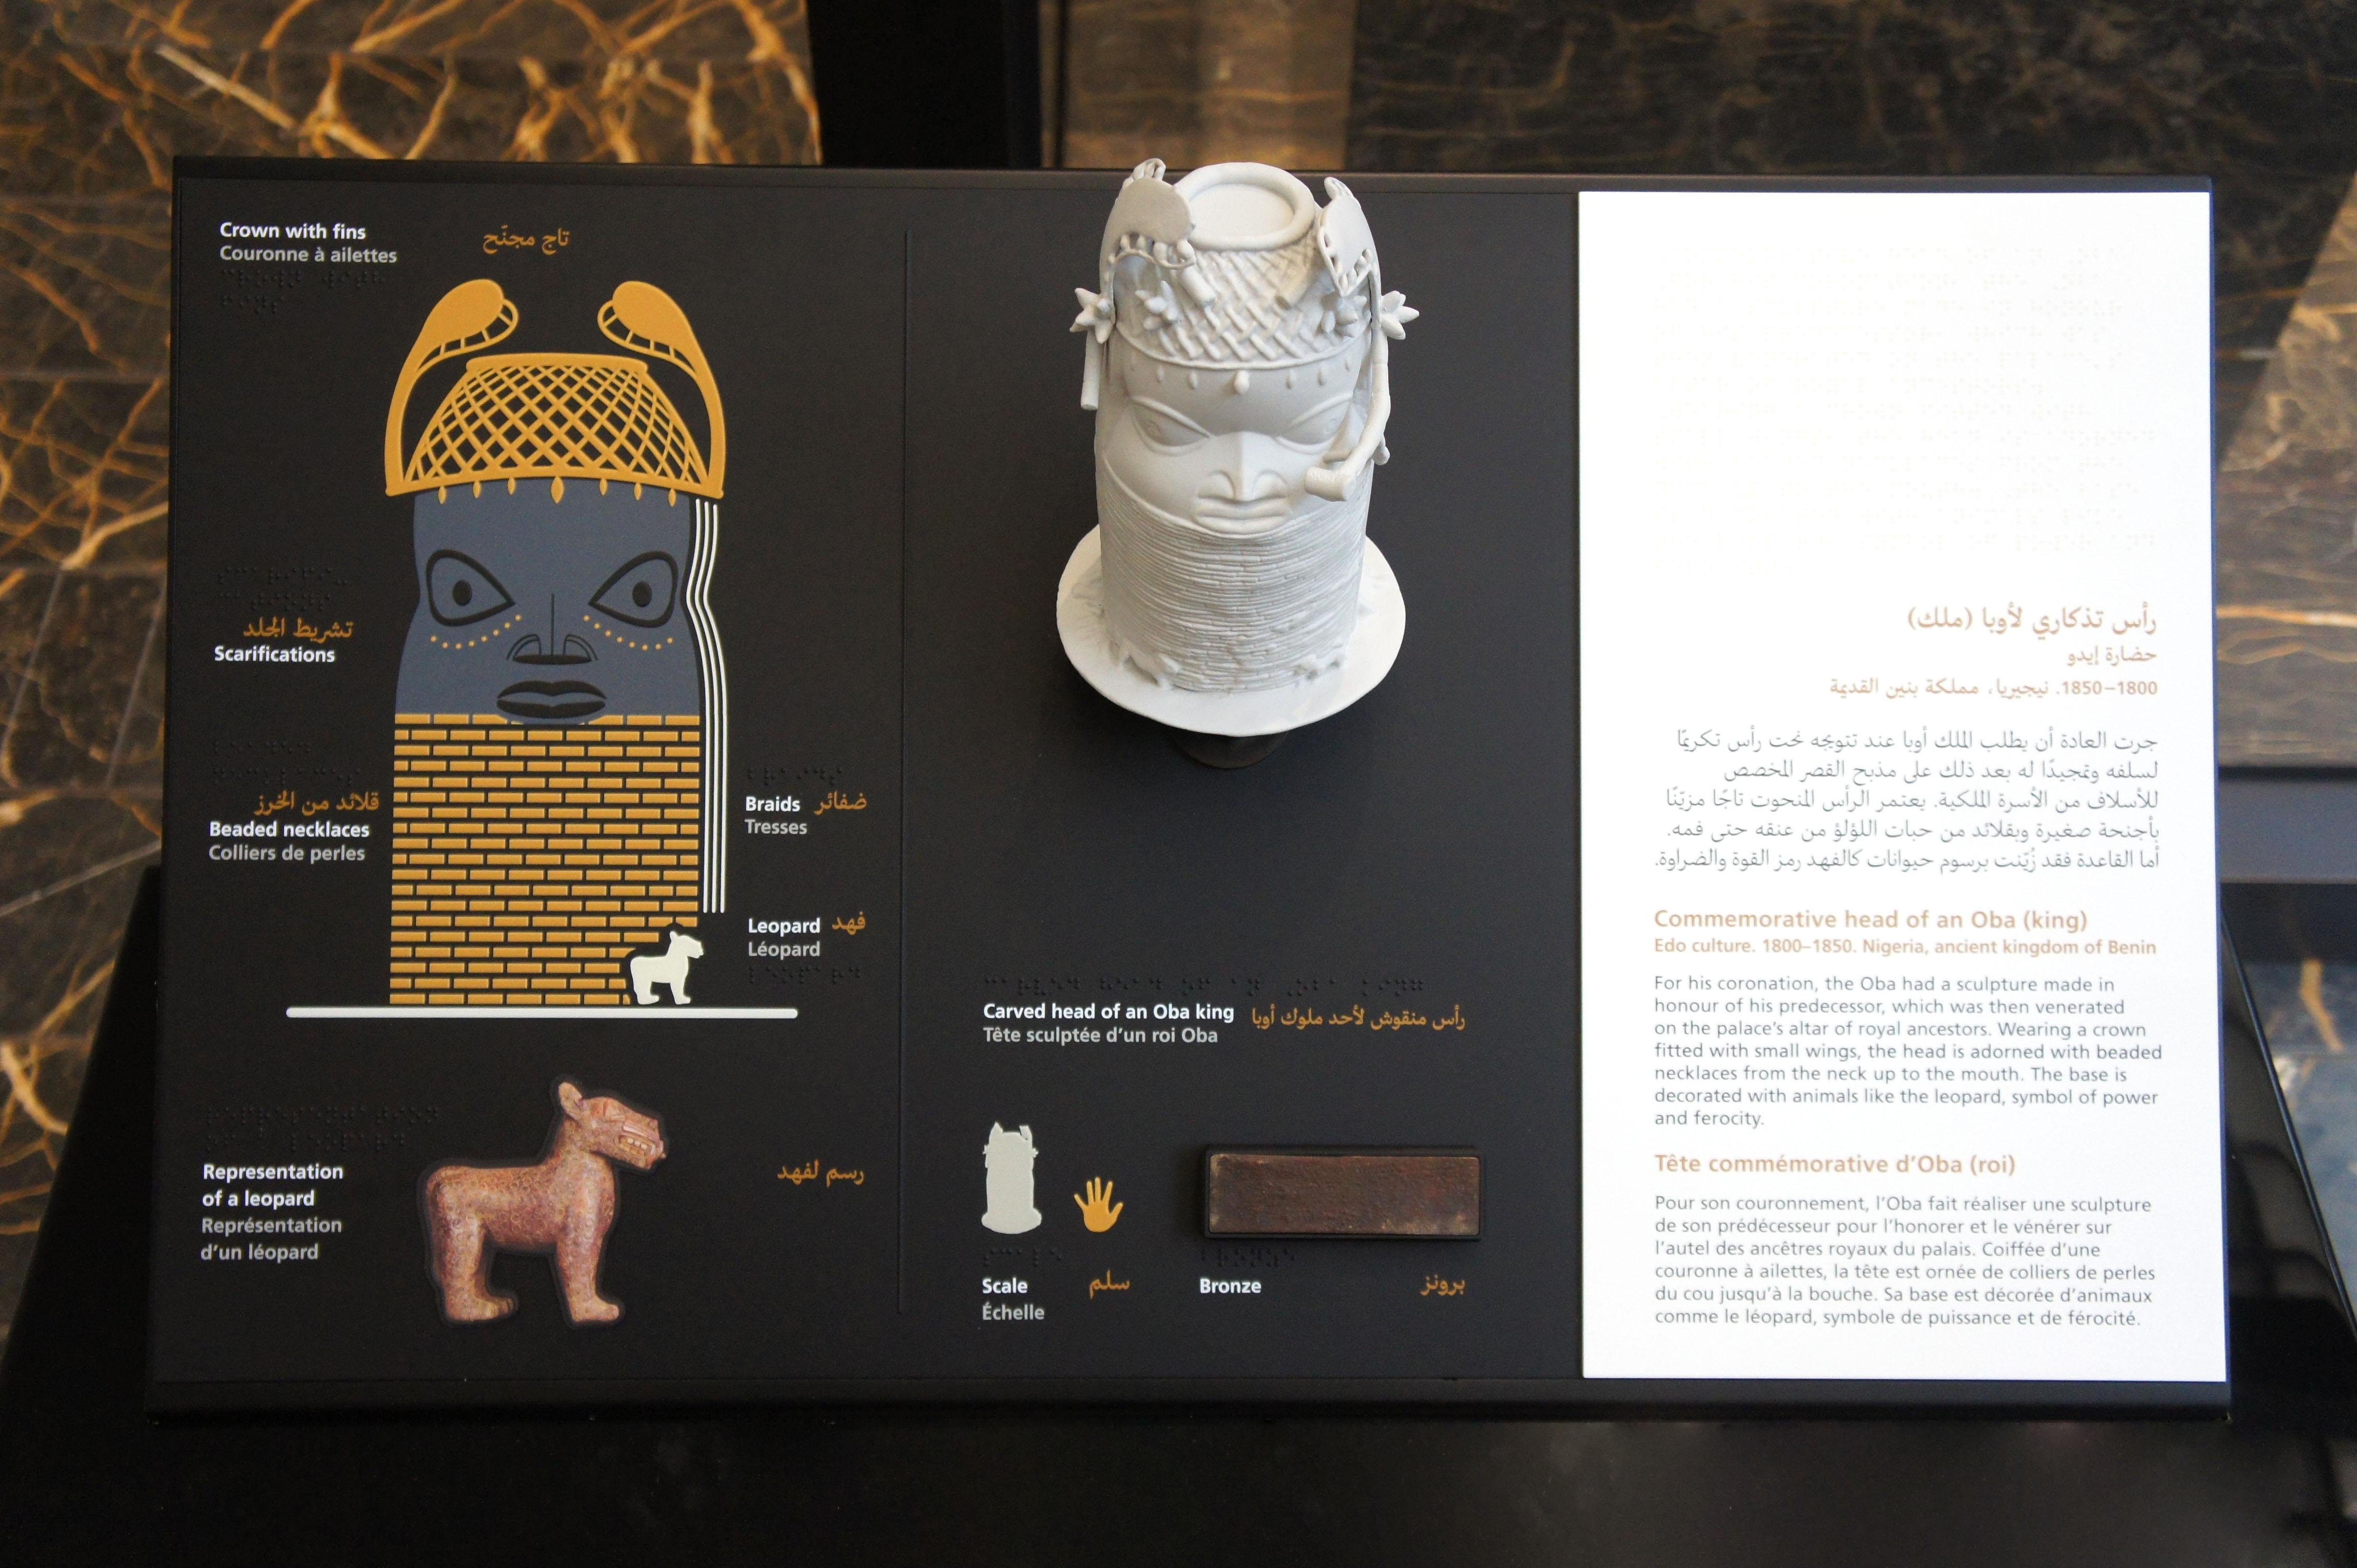 Station tactile Tête sculptée d'un roi Oba, Louvre Abu Dhabi, 2018